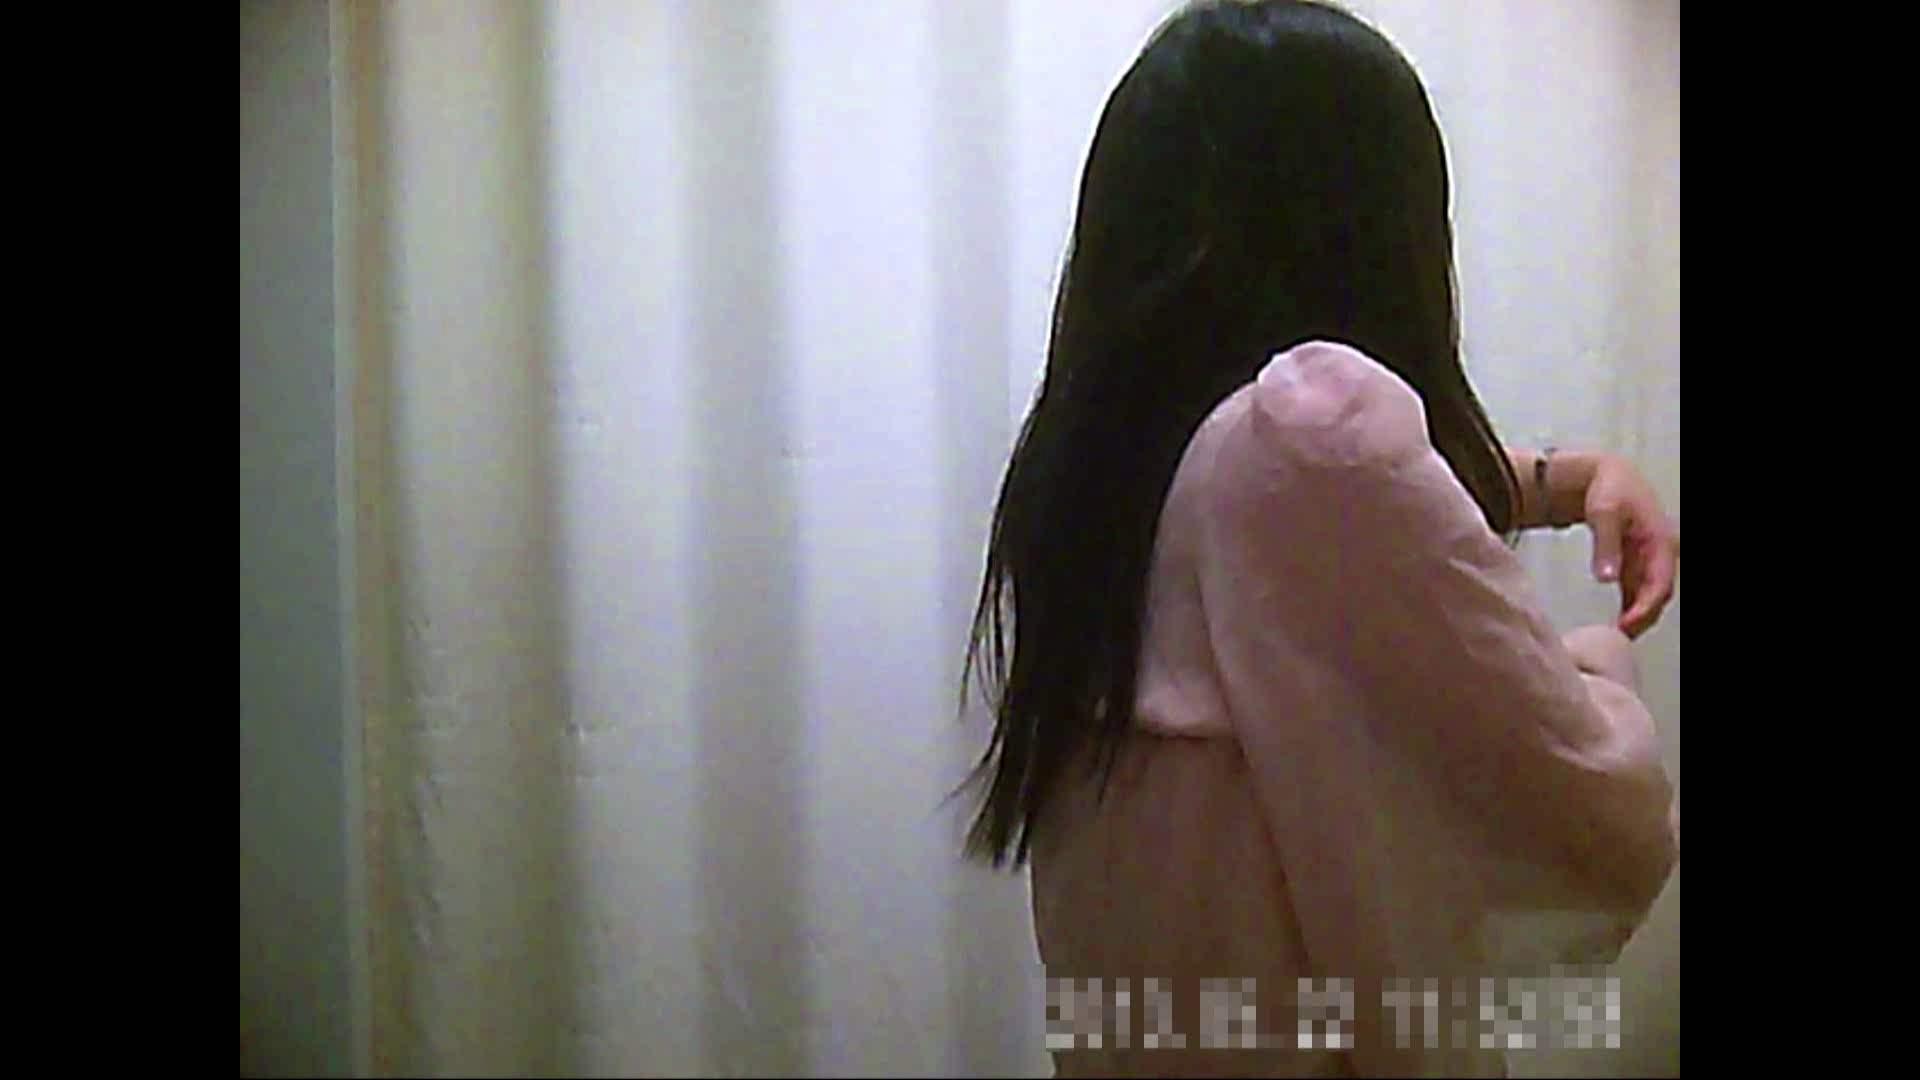 元医者による反抗 更衣室地獄絵巻 vol.046 OLハメ撮り  44Pix 41